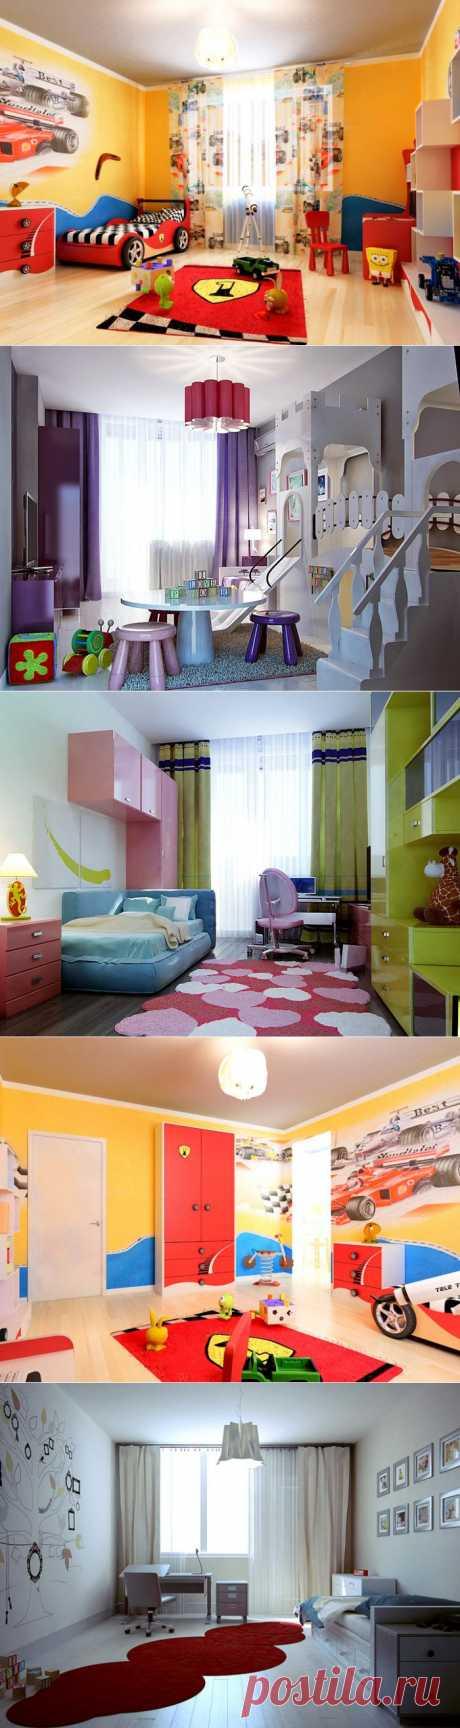 Цвет в дизайне детской комнаты   Фотографии красивых интерьеров